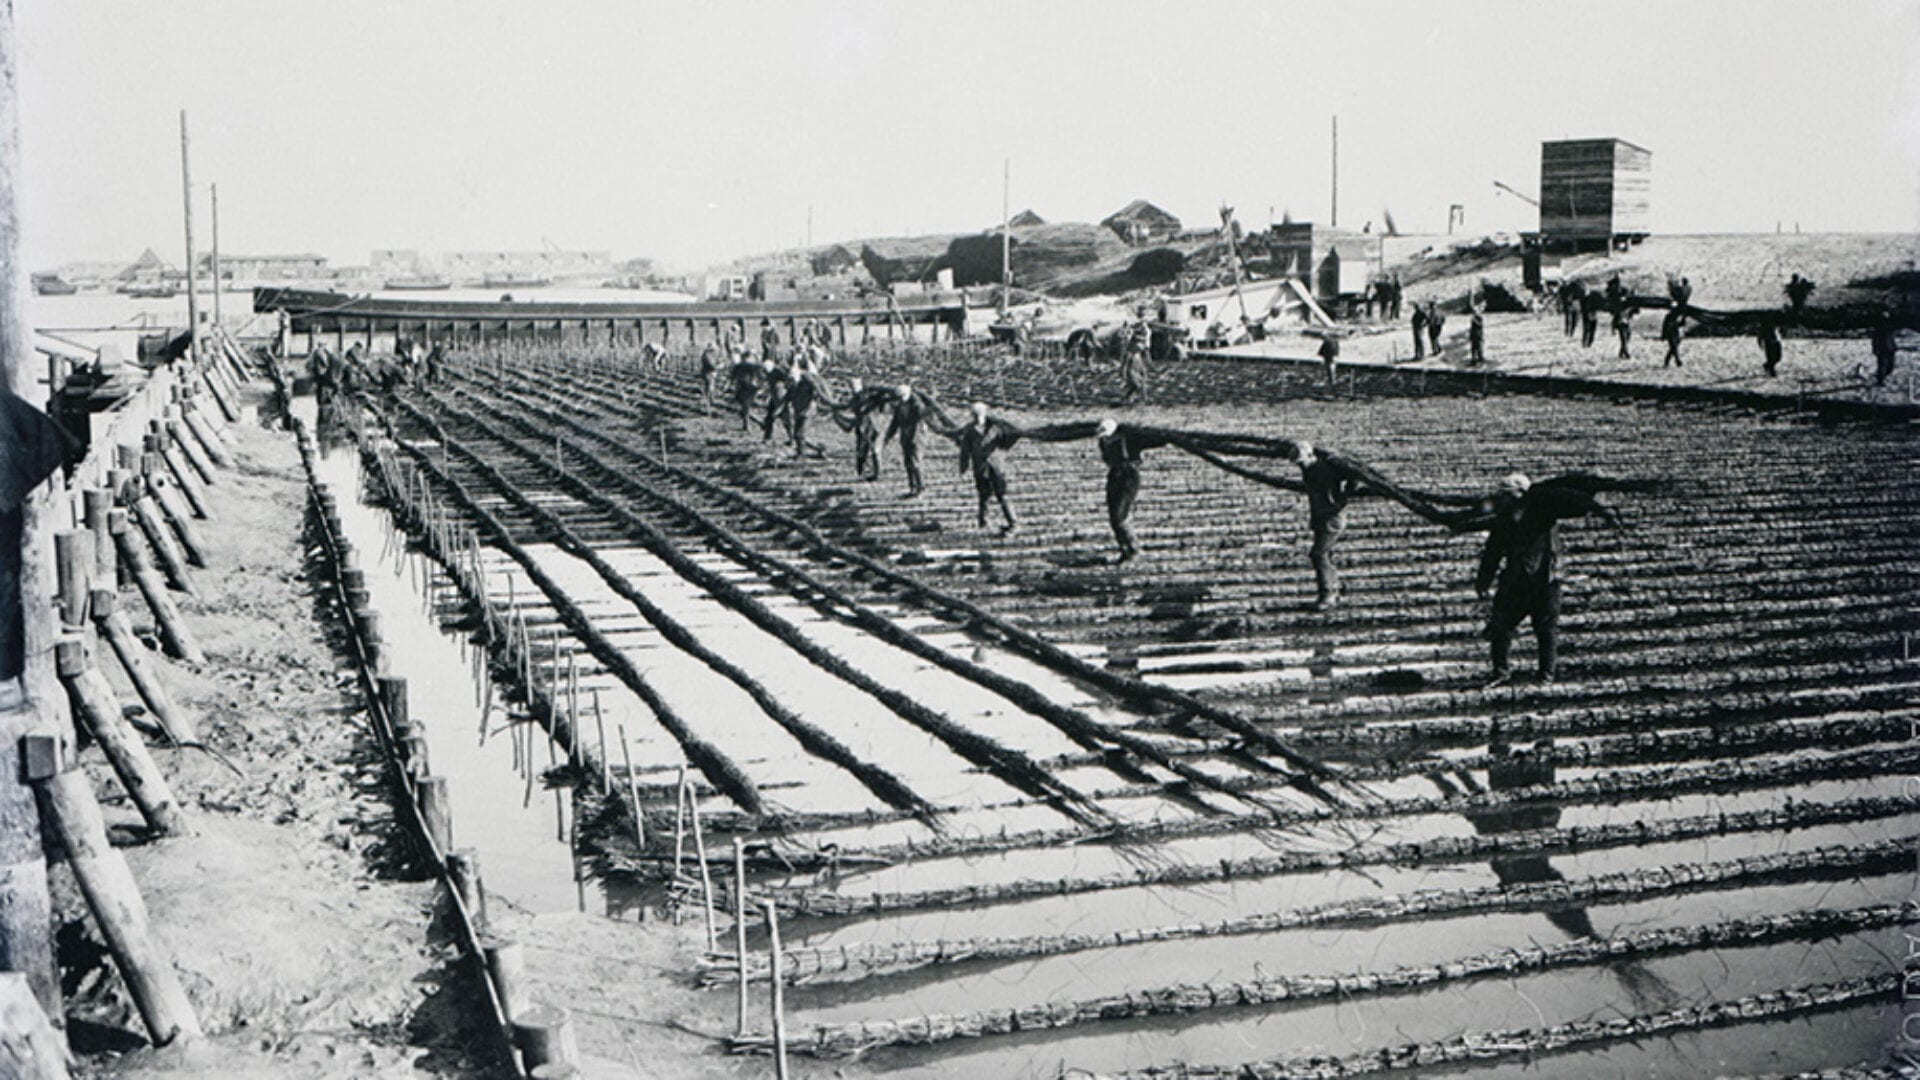 Oude foto van werkzaamheden op de Afsluitdijk. Op deze foto is de opbouw van de Afsluitdijk te zien. Links zie je mannen die wiep op de plek leggen. De velden zijn nat.